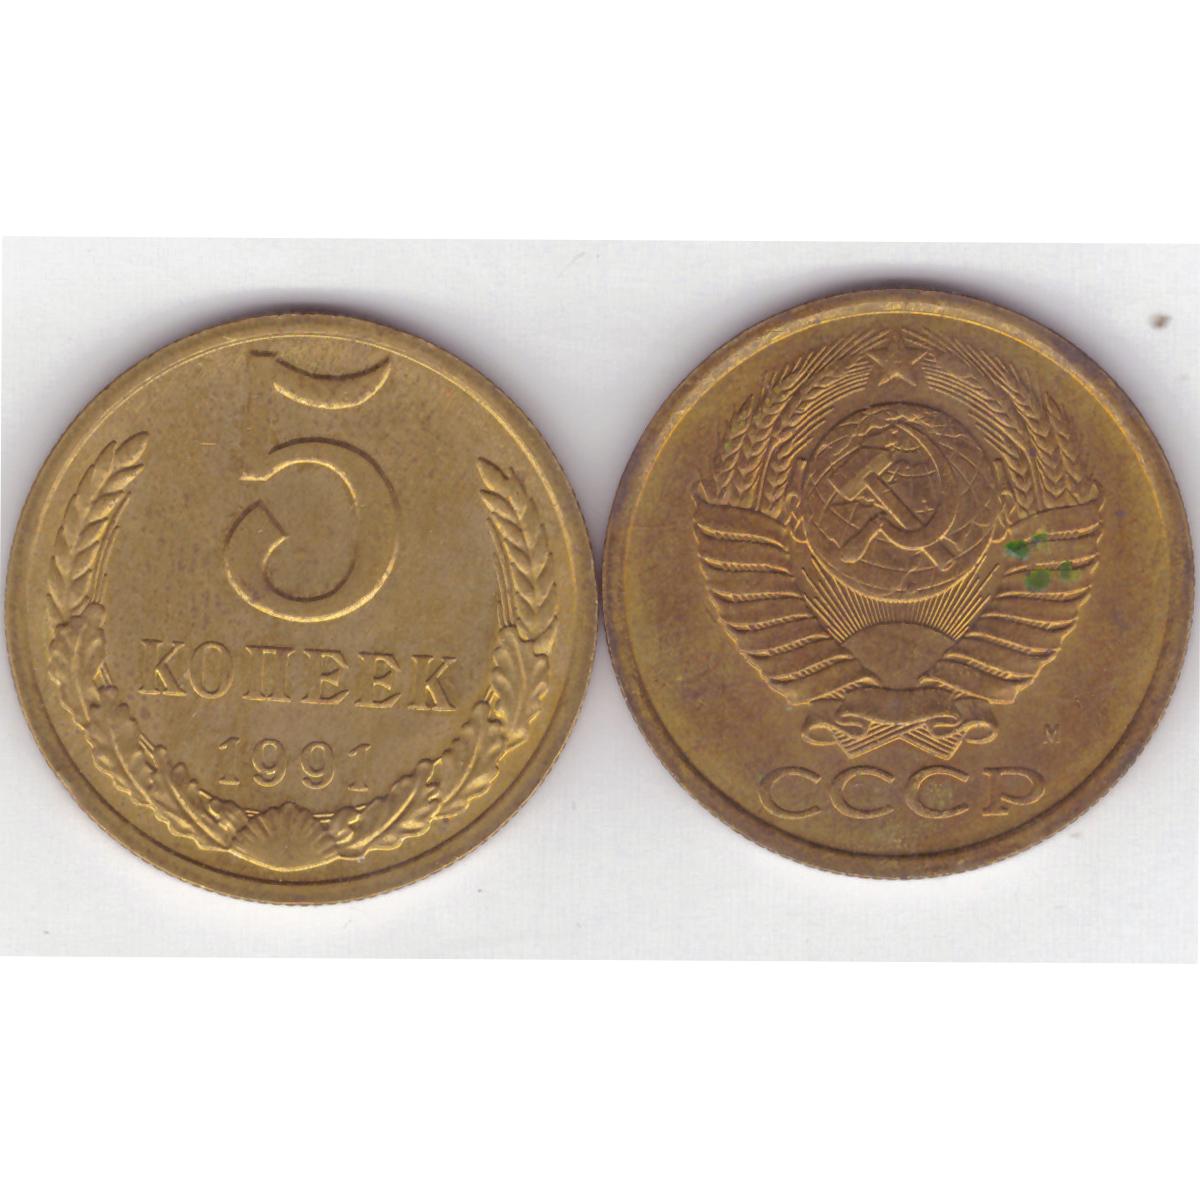 5 копеек 1991 года (м). VF